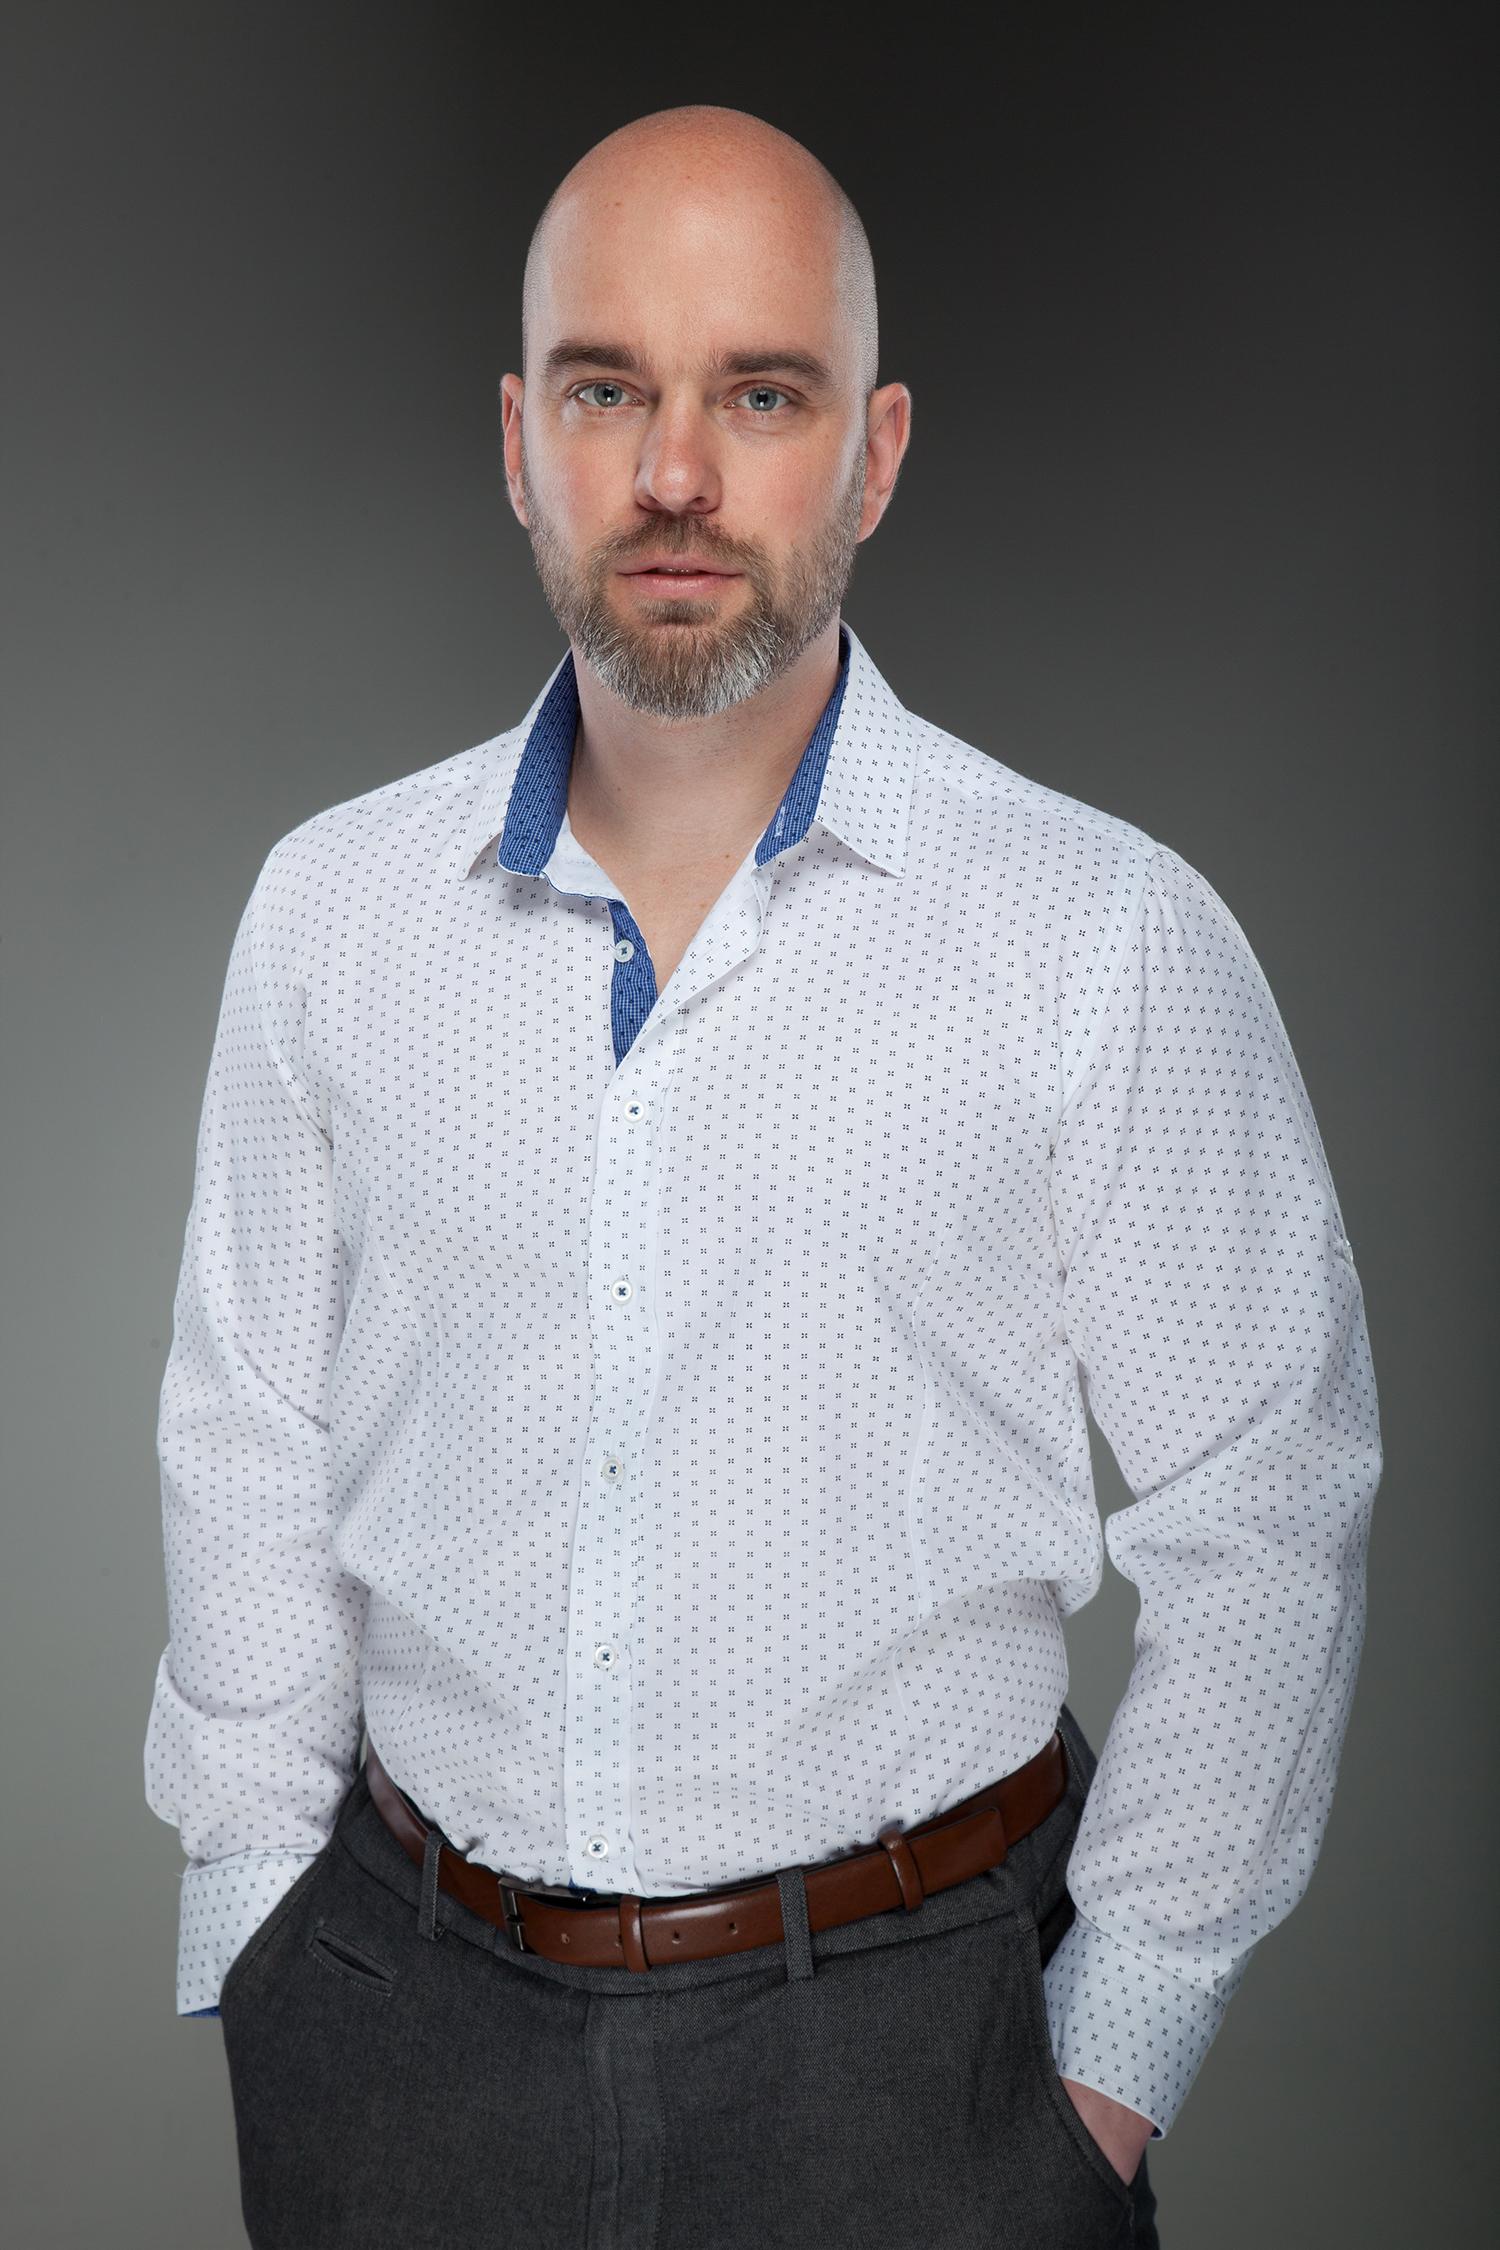 Peter Kliment